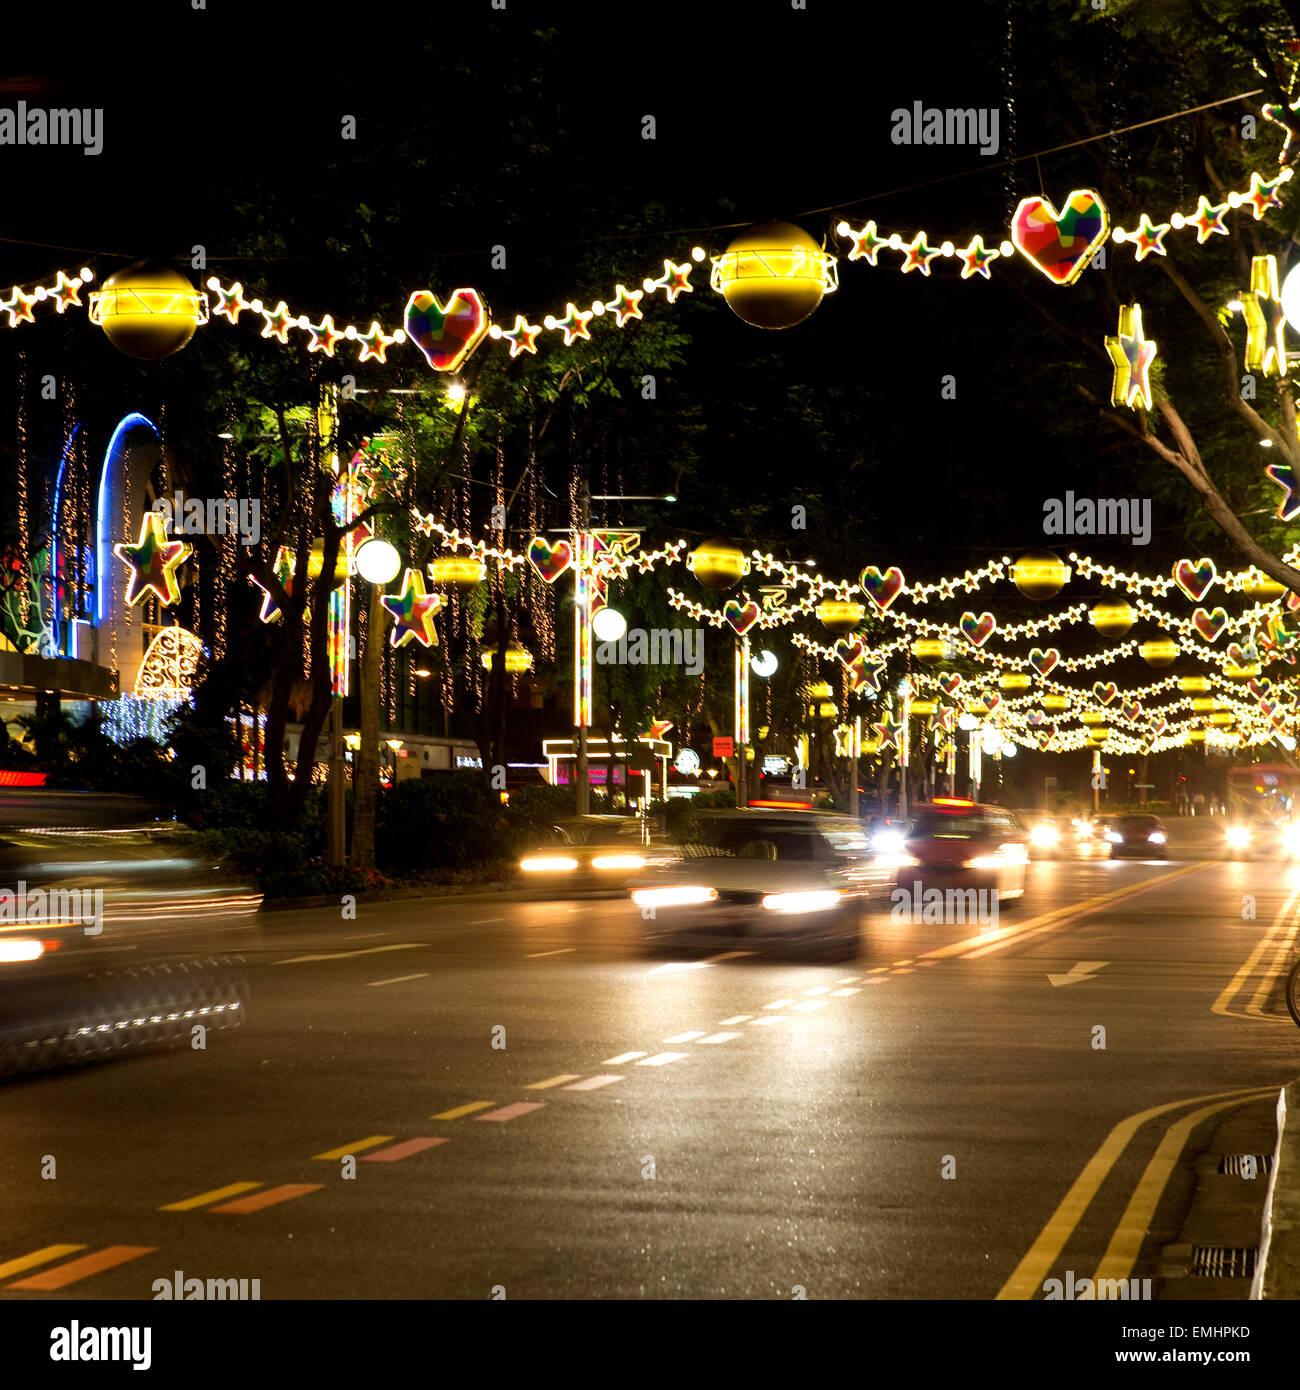 Singapore Christmas Stock Photos & Singapore Christmas